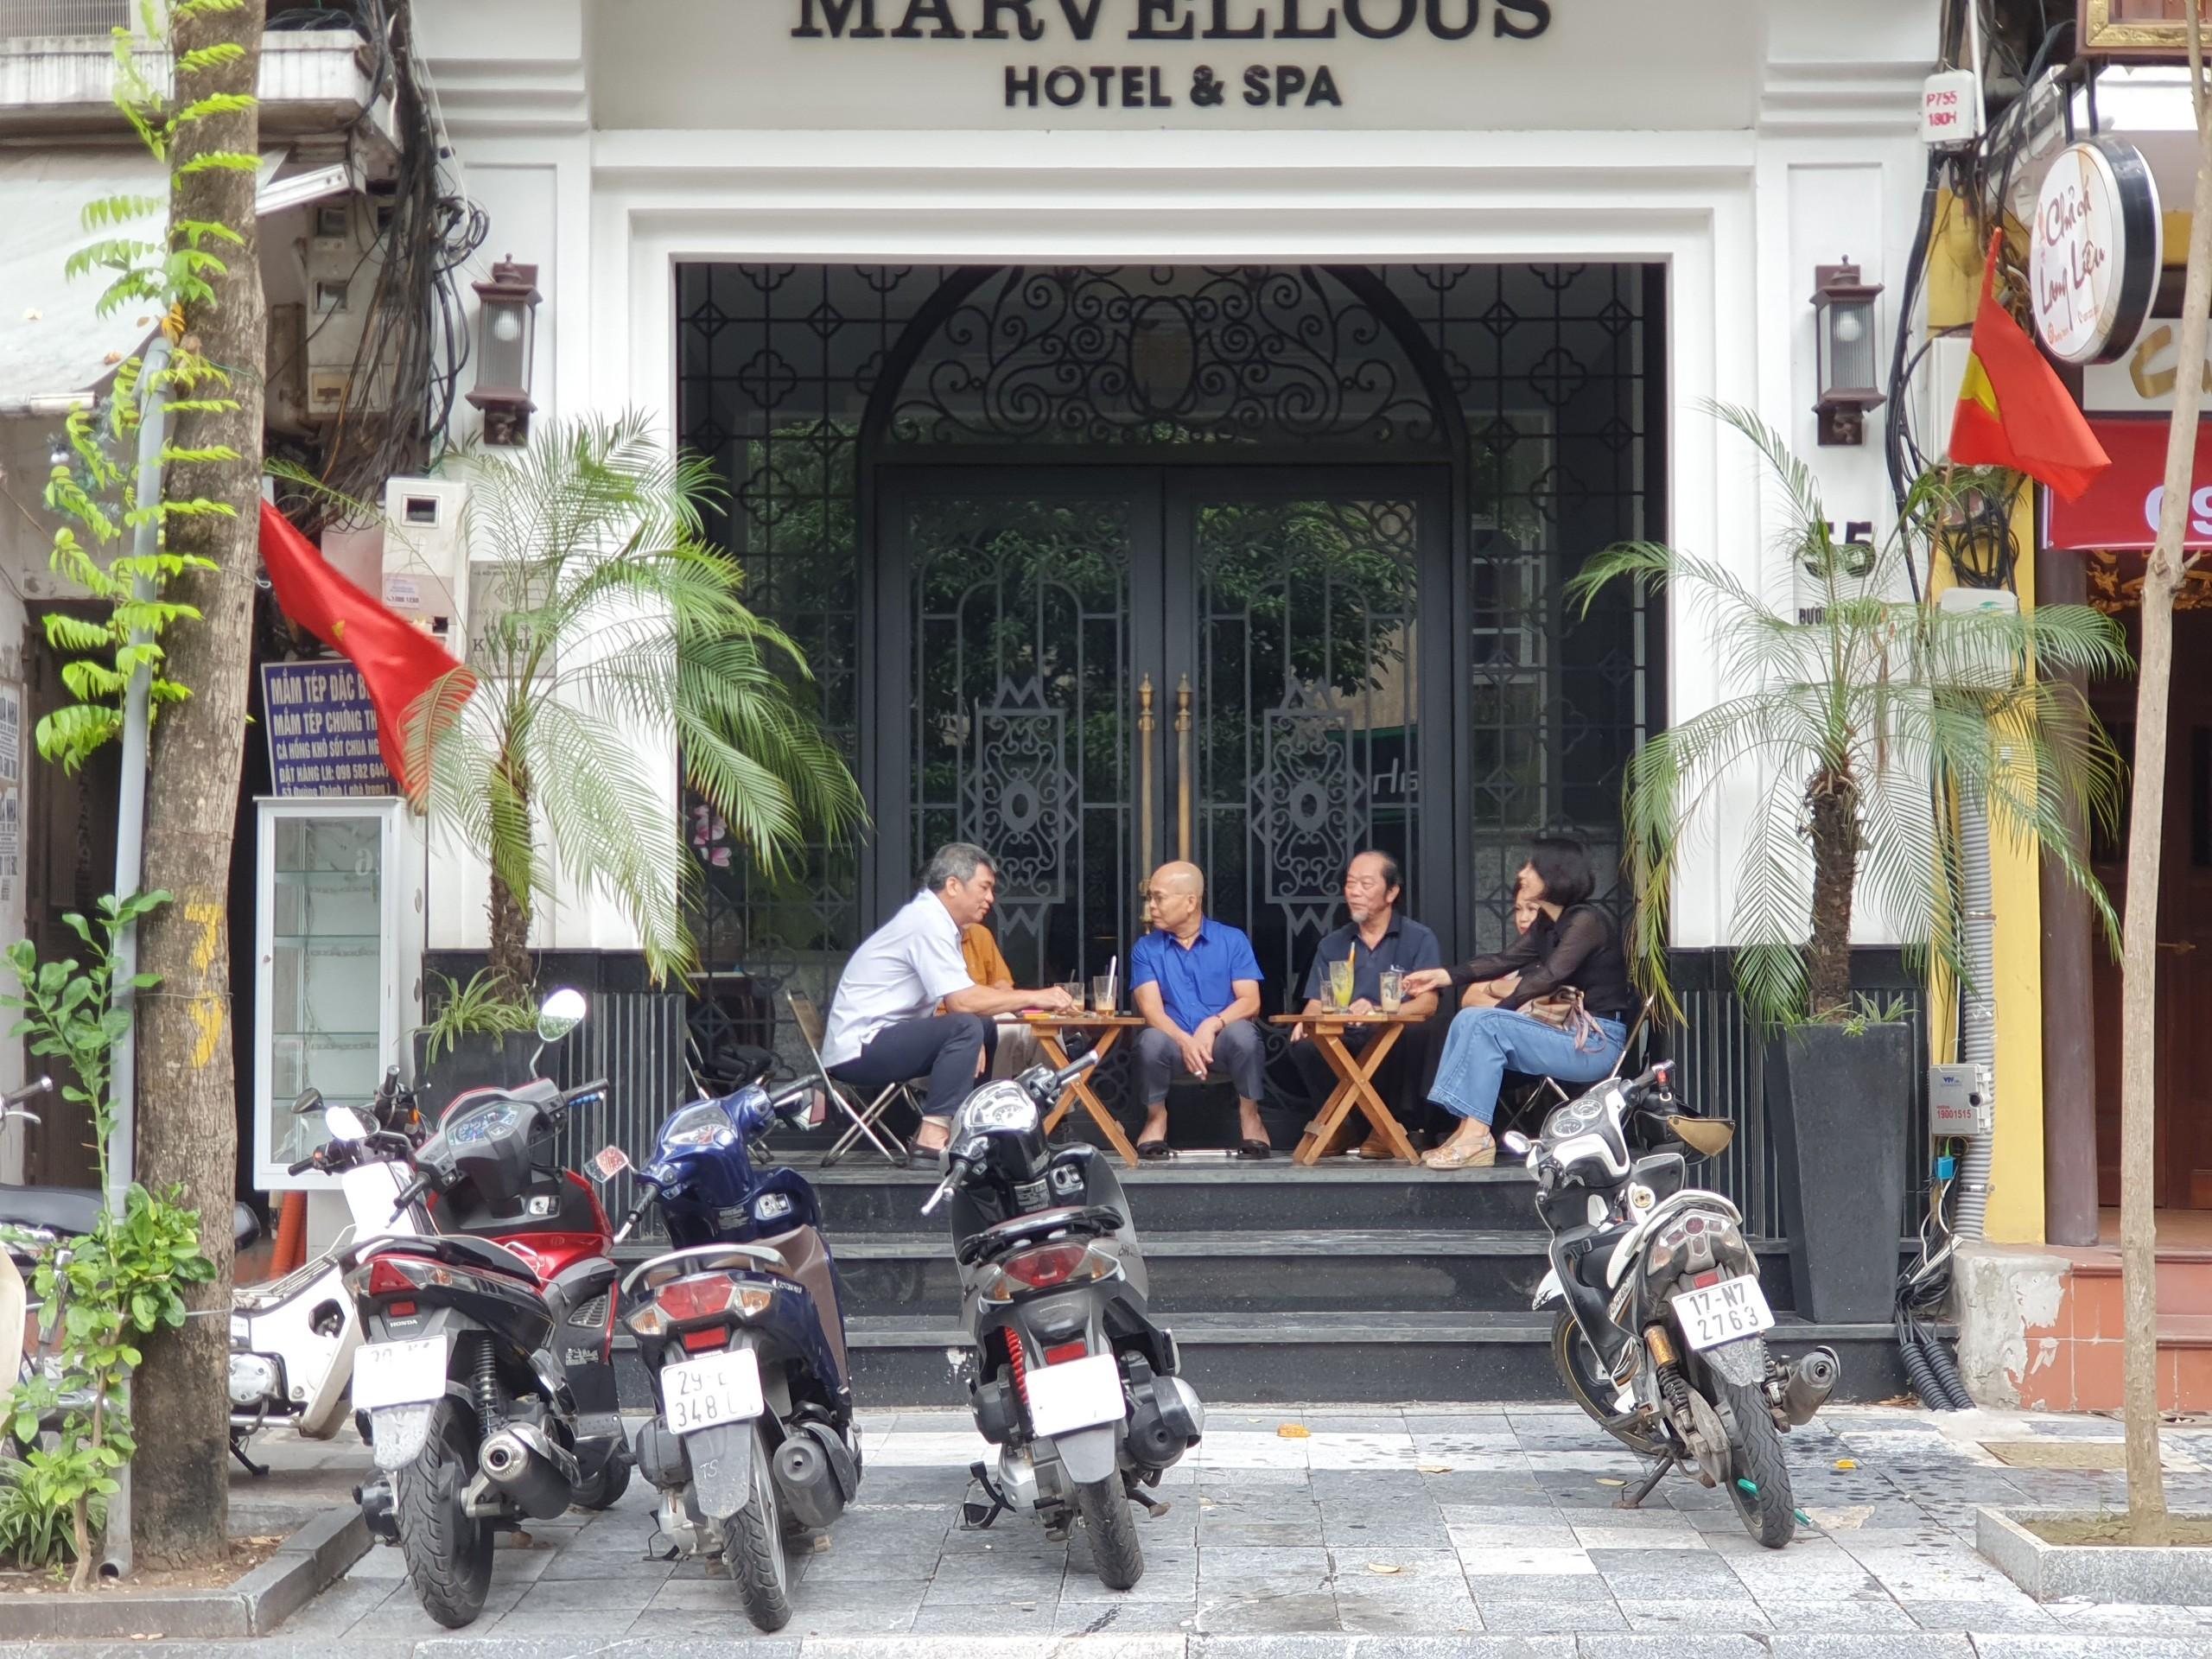 [ẢNH] Dân Hà Nội đổ ra ngồi cà phê, chủ quán 'đuổi' khách quầy quậy - Ảnh 1